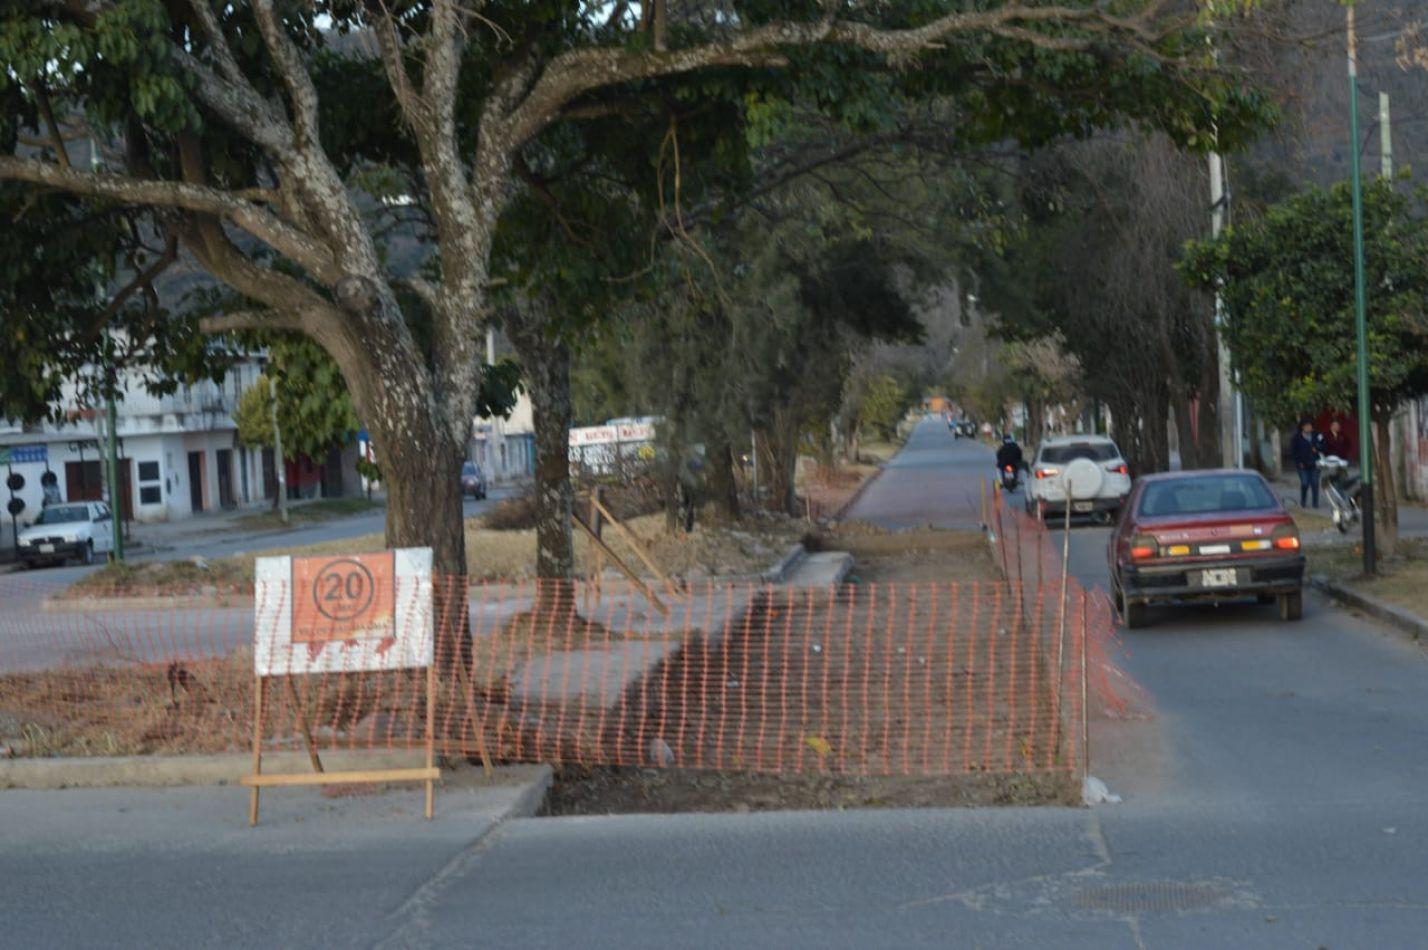 Más obras en los barrios: avanzan los trabajos en Castañares